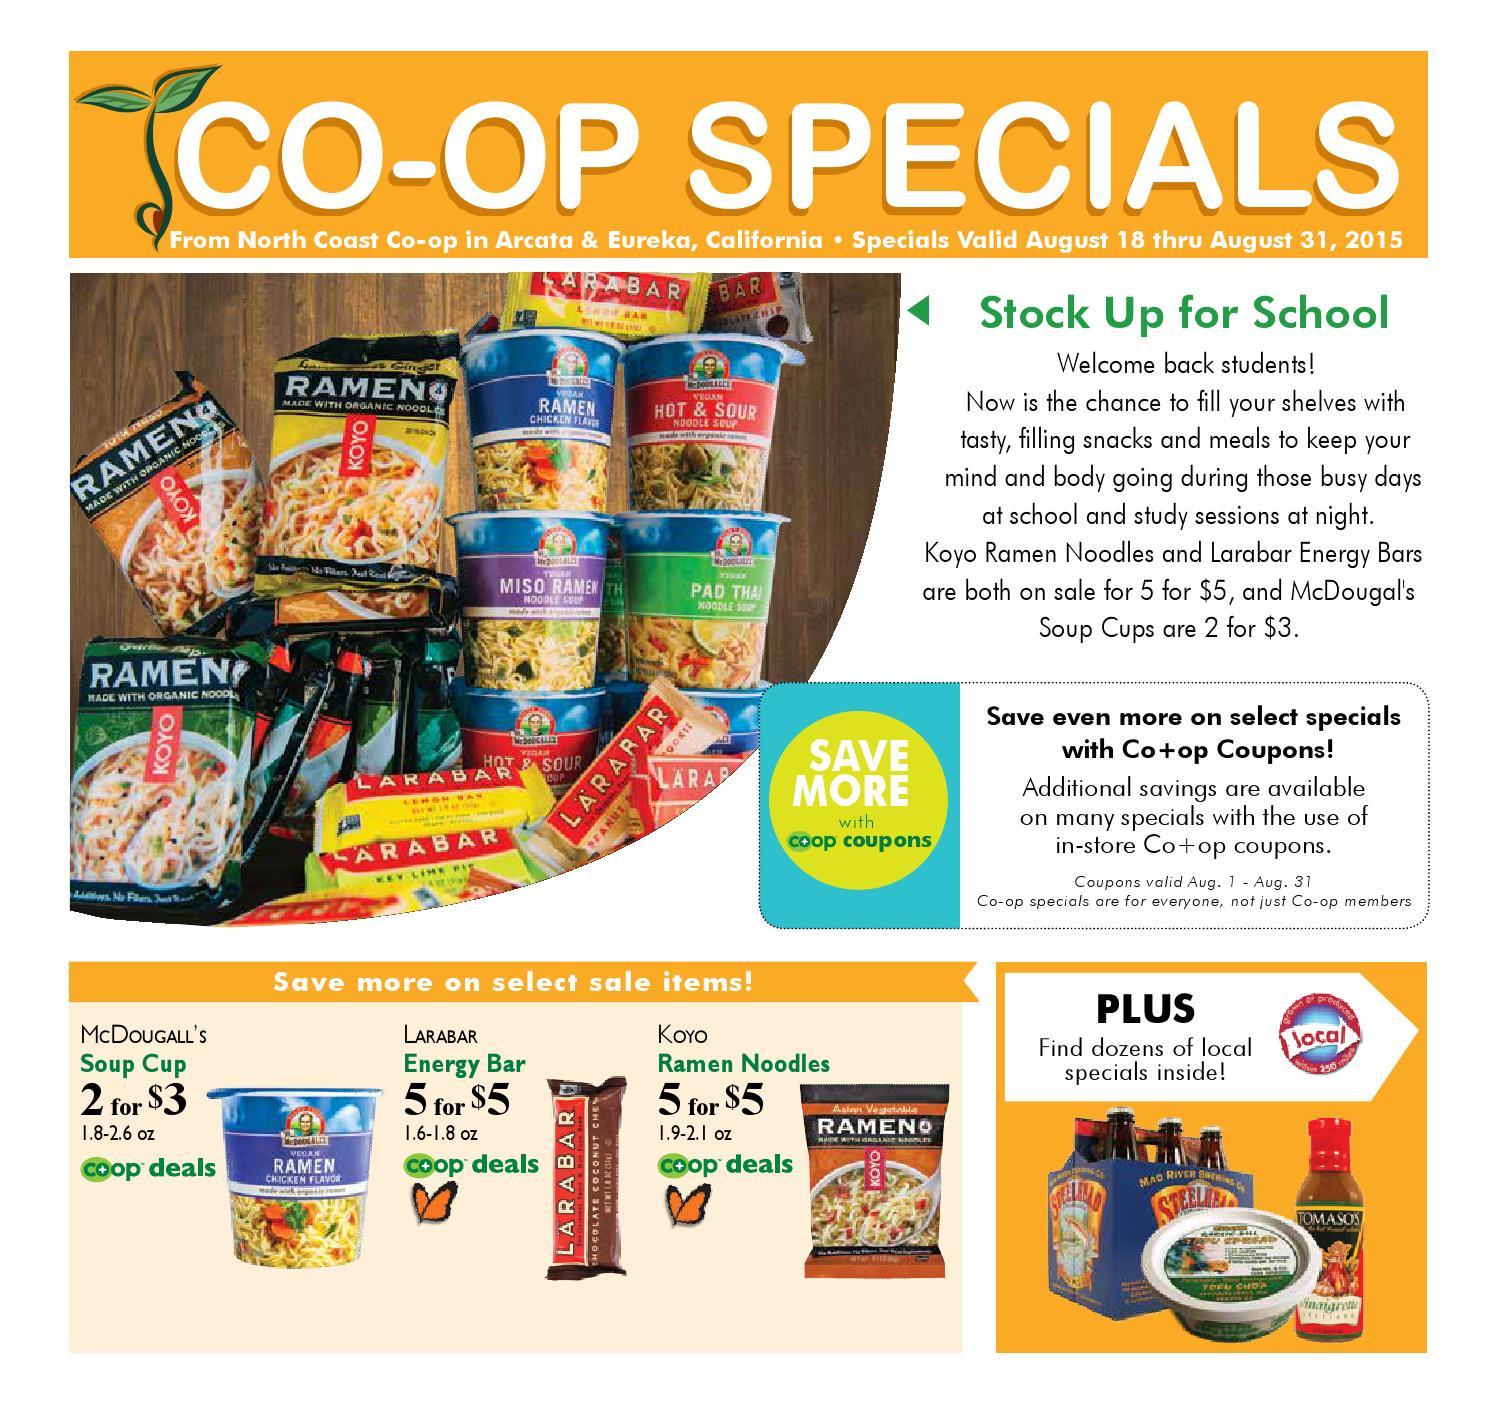 Co op deals sweets